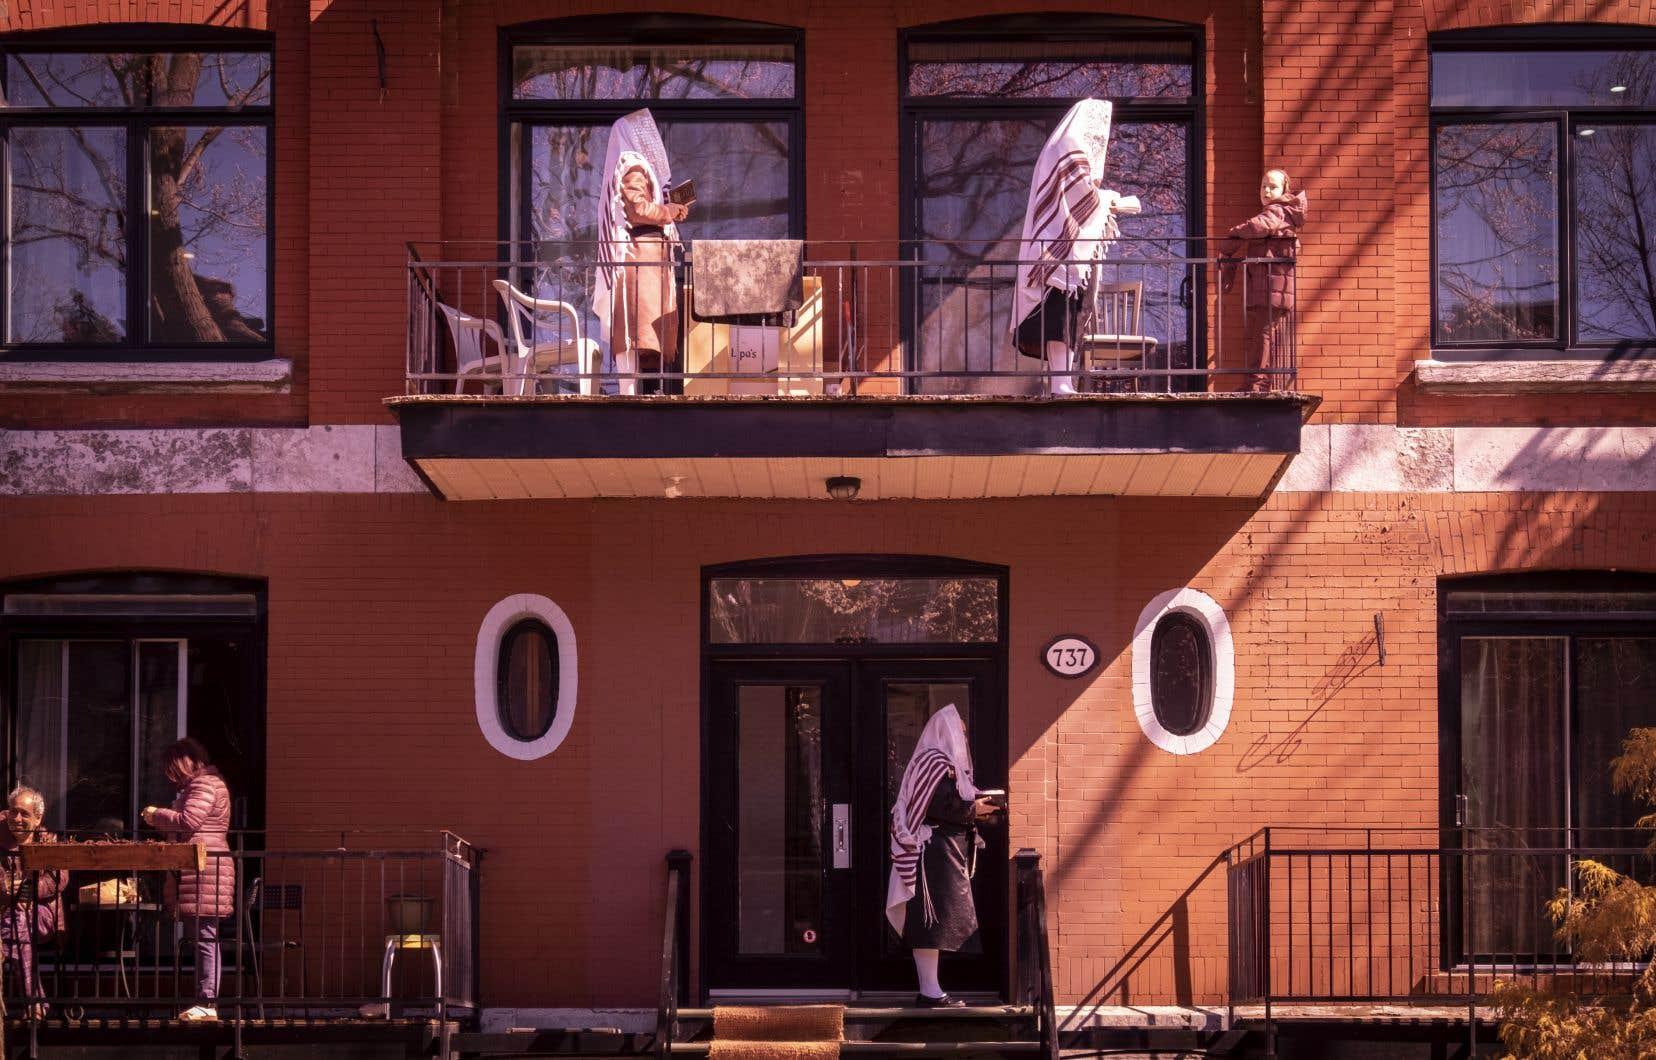 Pour briser la solitude engendrée par  la fermeture  des synagogues, plusieurs membres de la communauté juive hassidique d'Outremont ont célébré samedi dernier le shabbat sur leurs balcons. Vêtus  du talit, les fidèles ont récité prières et chants religieux.